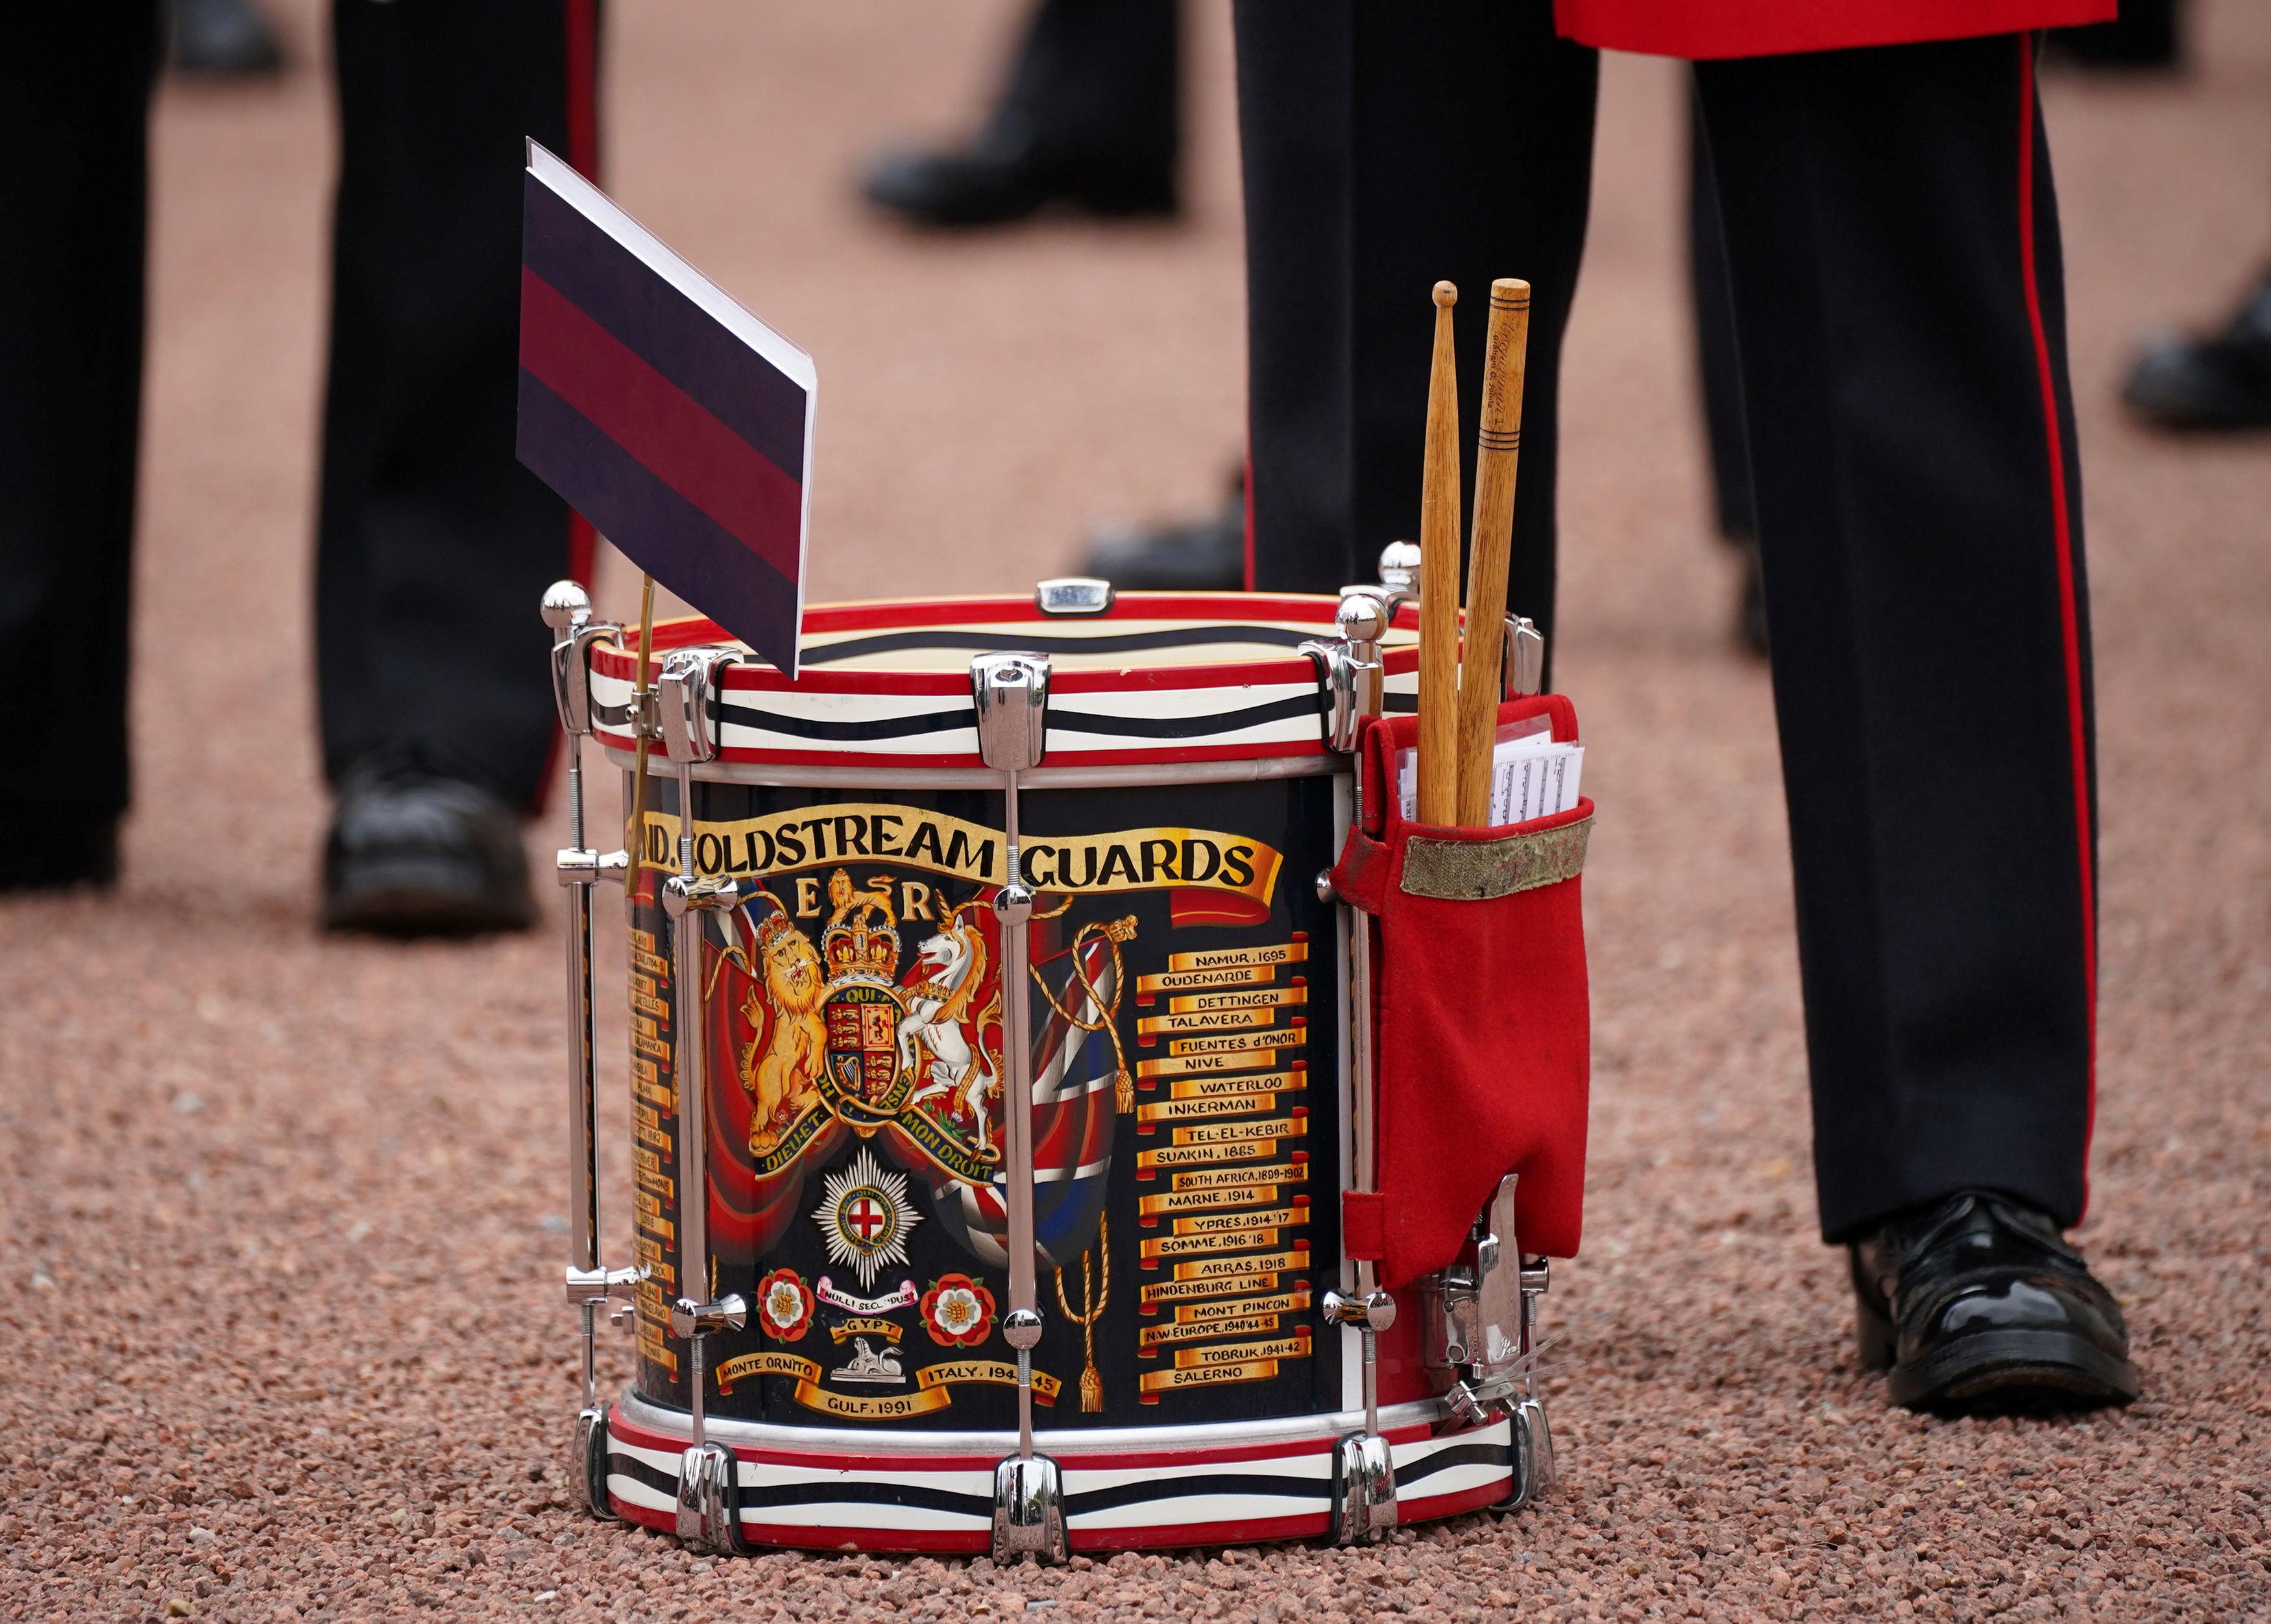 Miembros de la Banda de los Guardias de Coldstream participan en el Cambio de Guardia, en la explanada del Palacio de Buckingham, en Londres, Gran Bretaña, el 23 de agosto de 2021. Yui Mok / Pool vía REUTERS